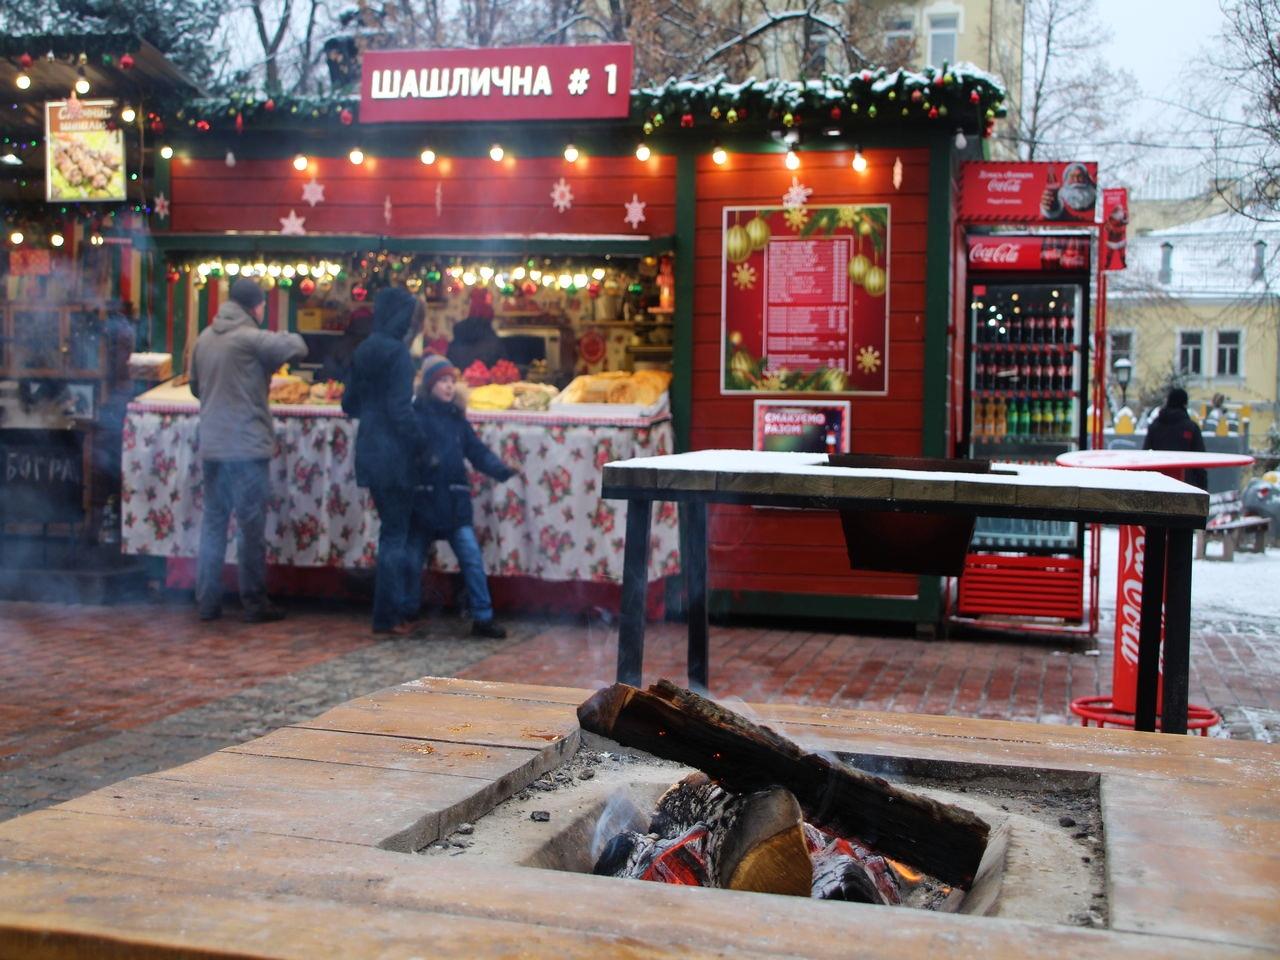 Si te gusta la nieve, te recomiendo hacer tu viaje de 3 días por Kiev en Navidad.